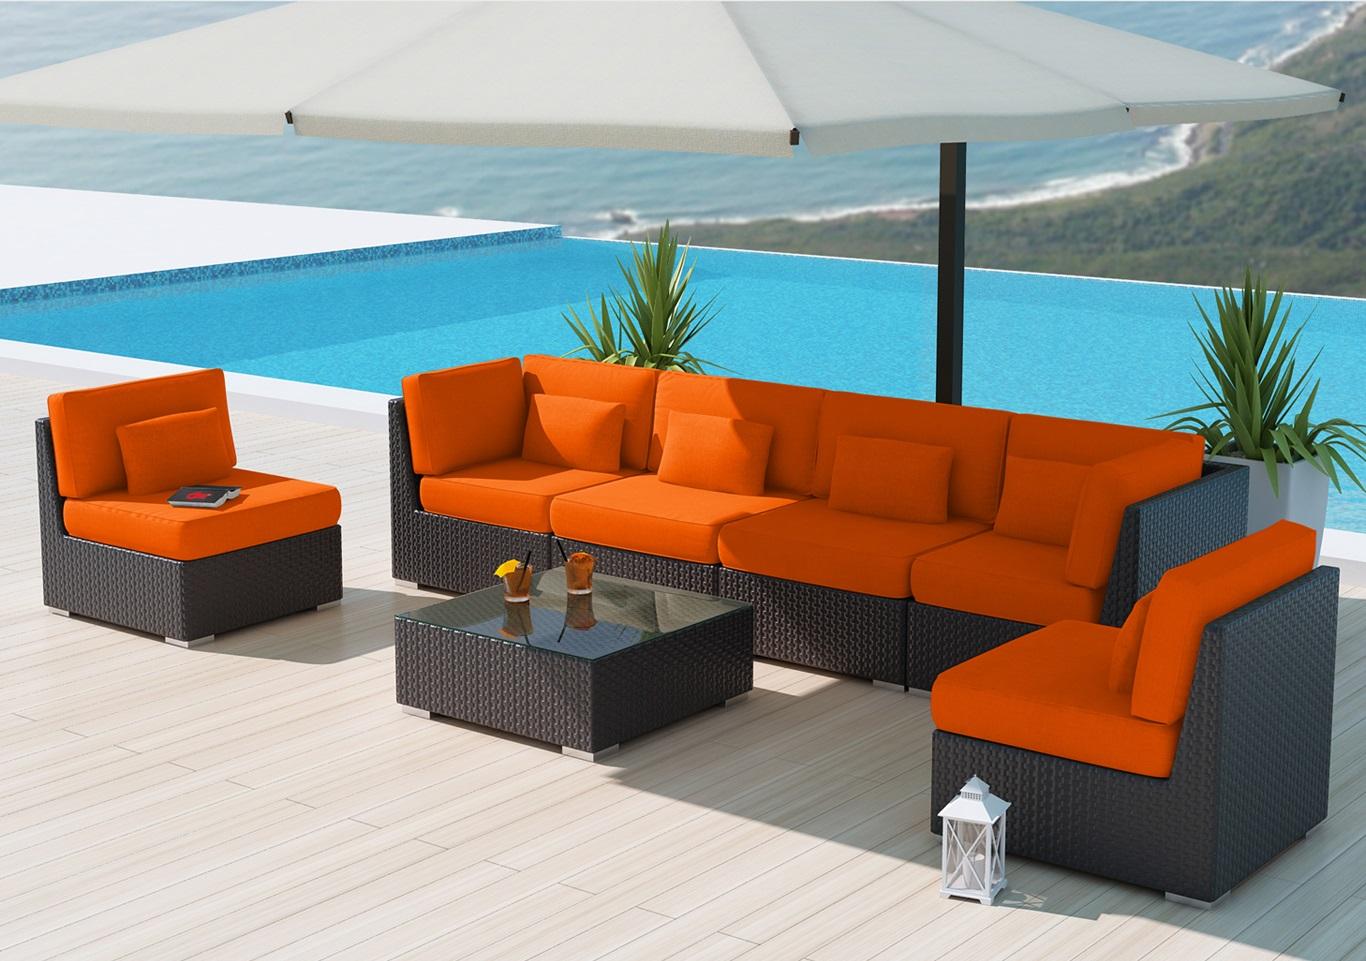 best wicker patio furniture sets under